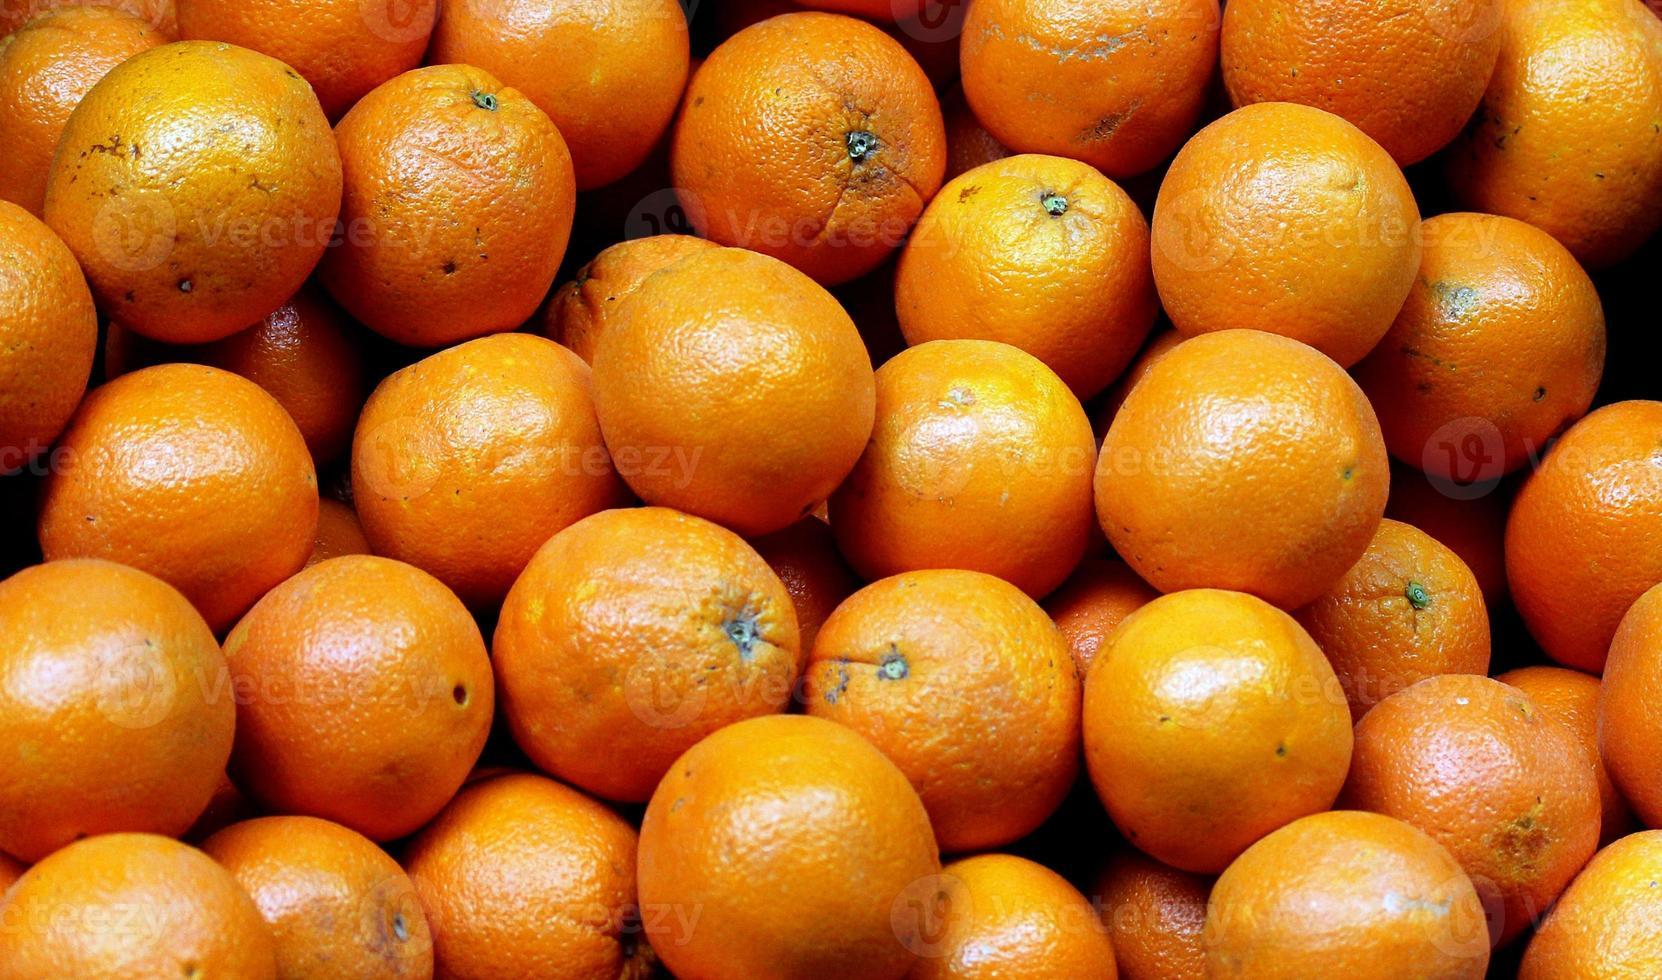 tas d'oranges fraîches sur le marché. mise au point sélective photo